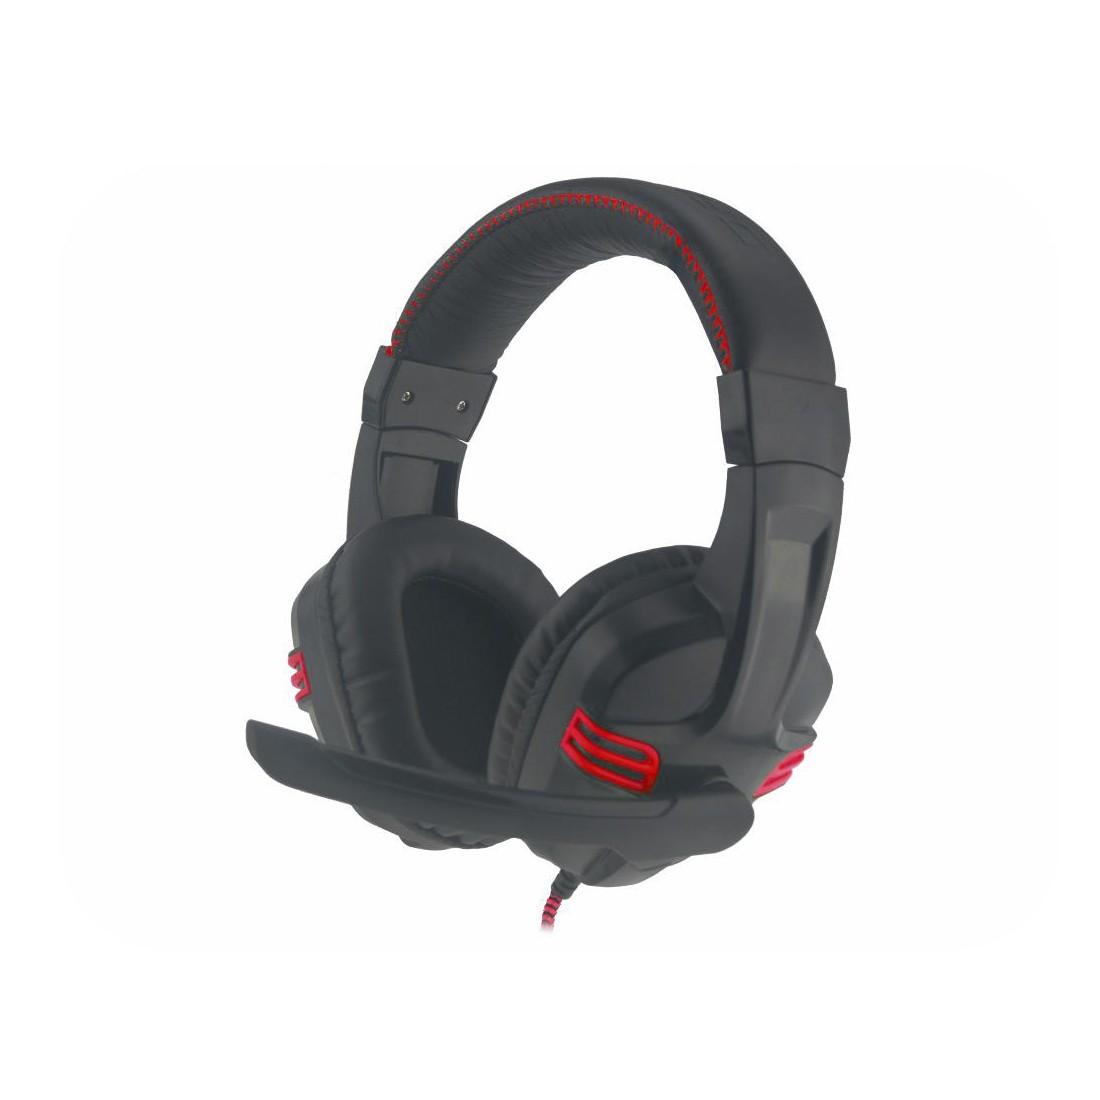 Headset Gamer Kmex ARS-1080 Preto com Vermelho Controle no Cabo